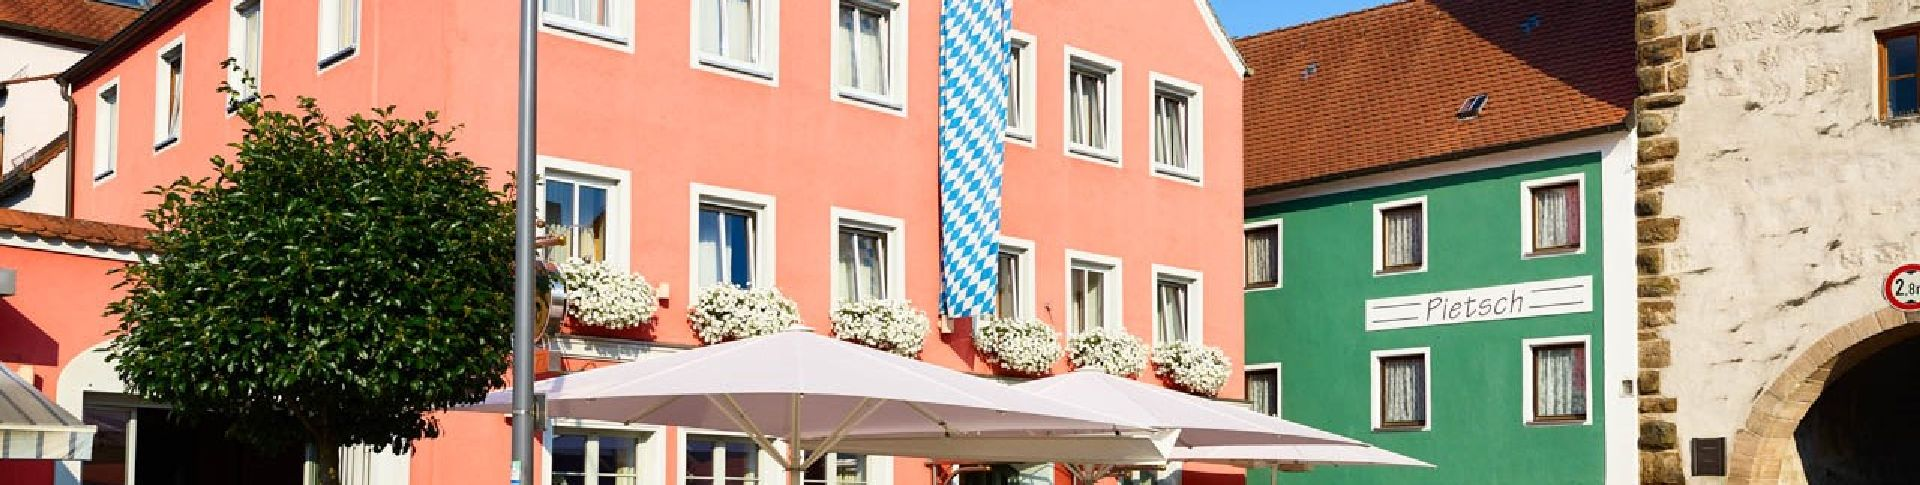 Gasthof-Hotel Pietsch